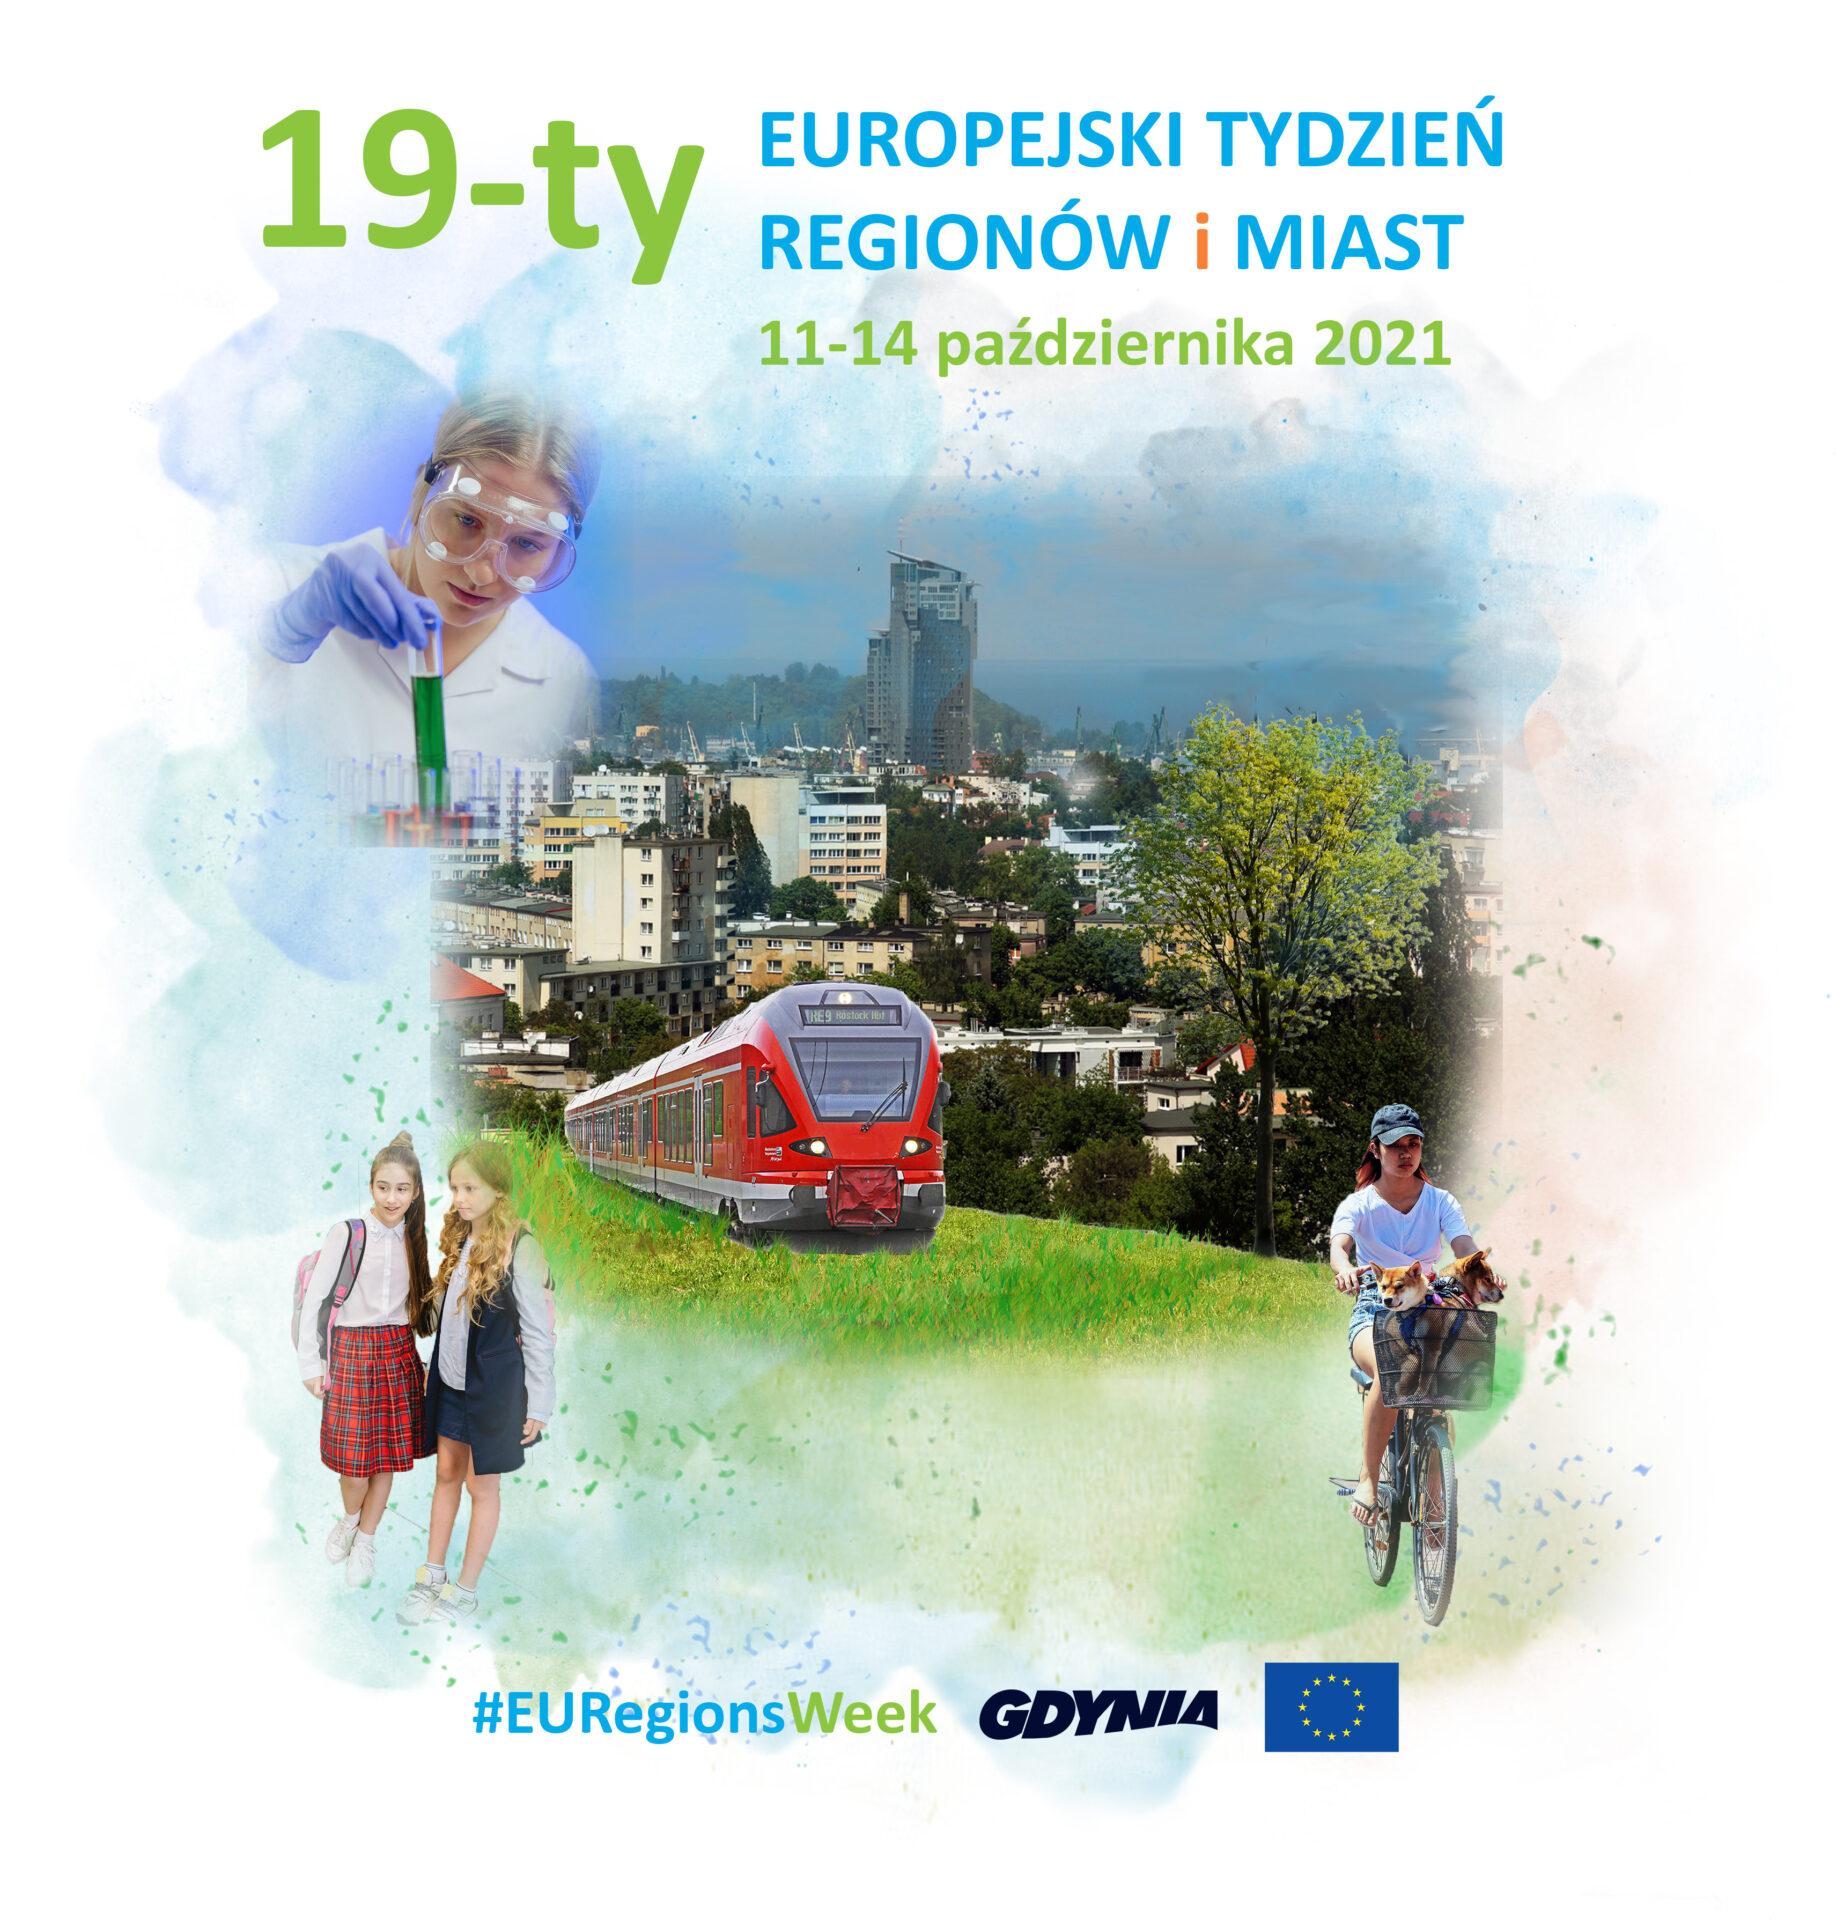 """Zdjęcie: """"G-RAIL. Connecting Regions"""" – nasze wydarzenie podczas Europejskiego Tygodnia Regionów i Miast"""